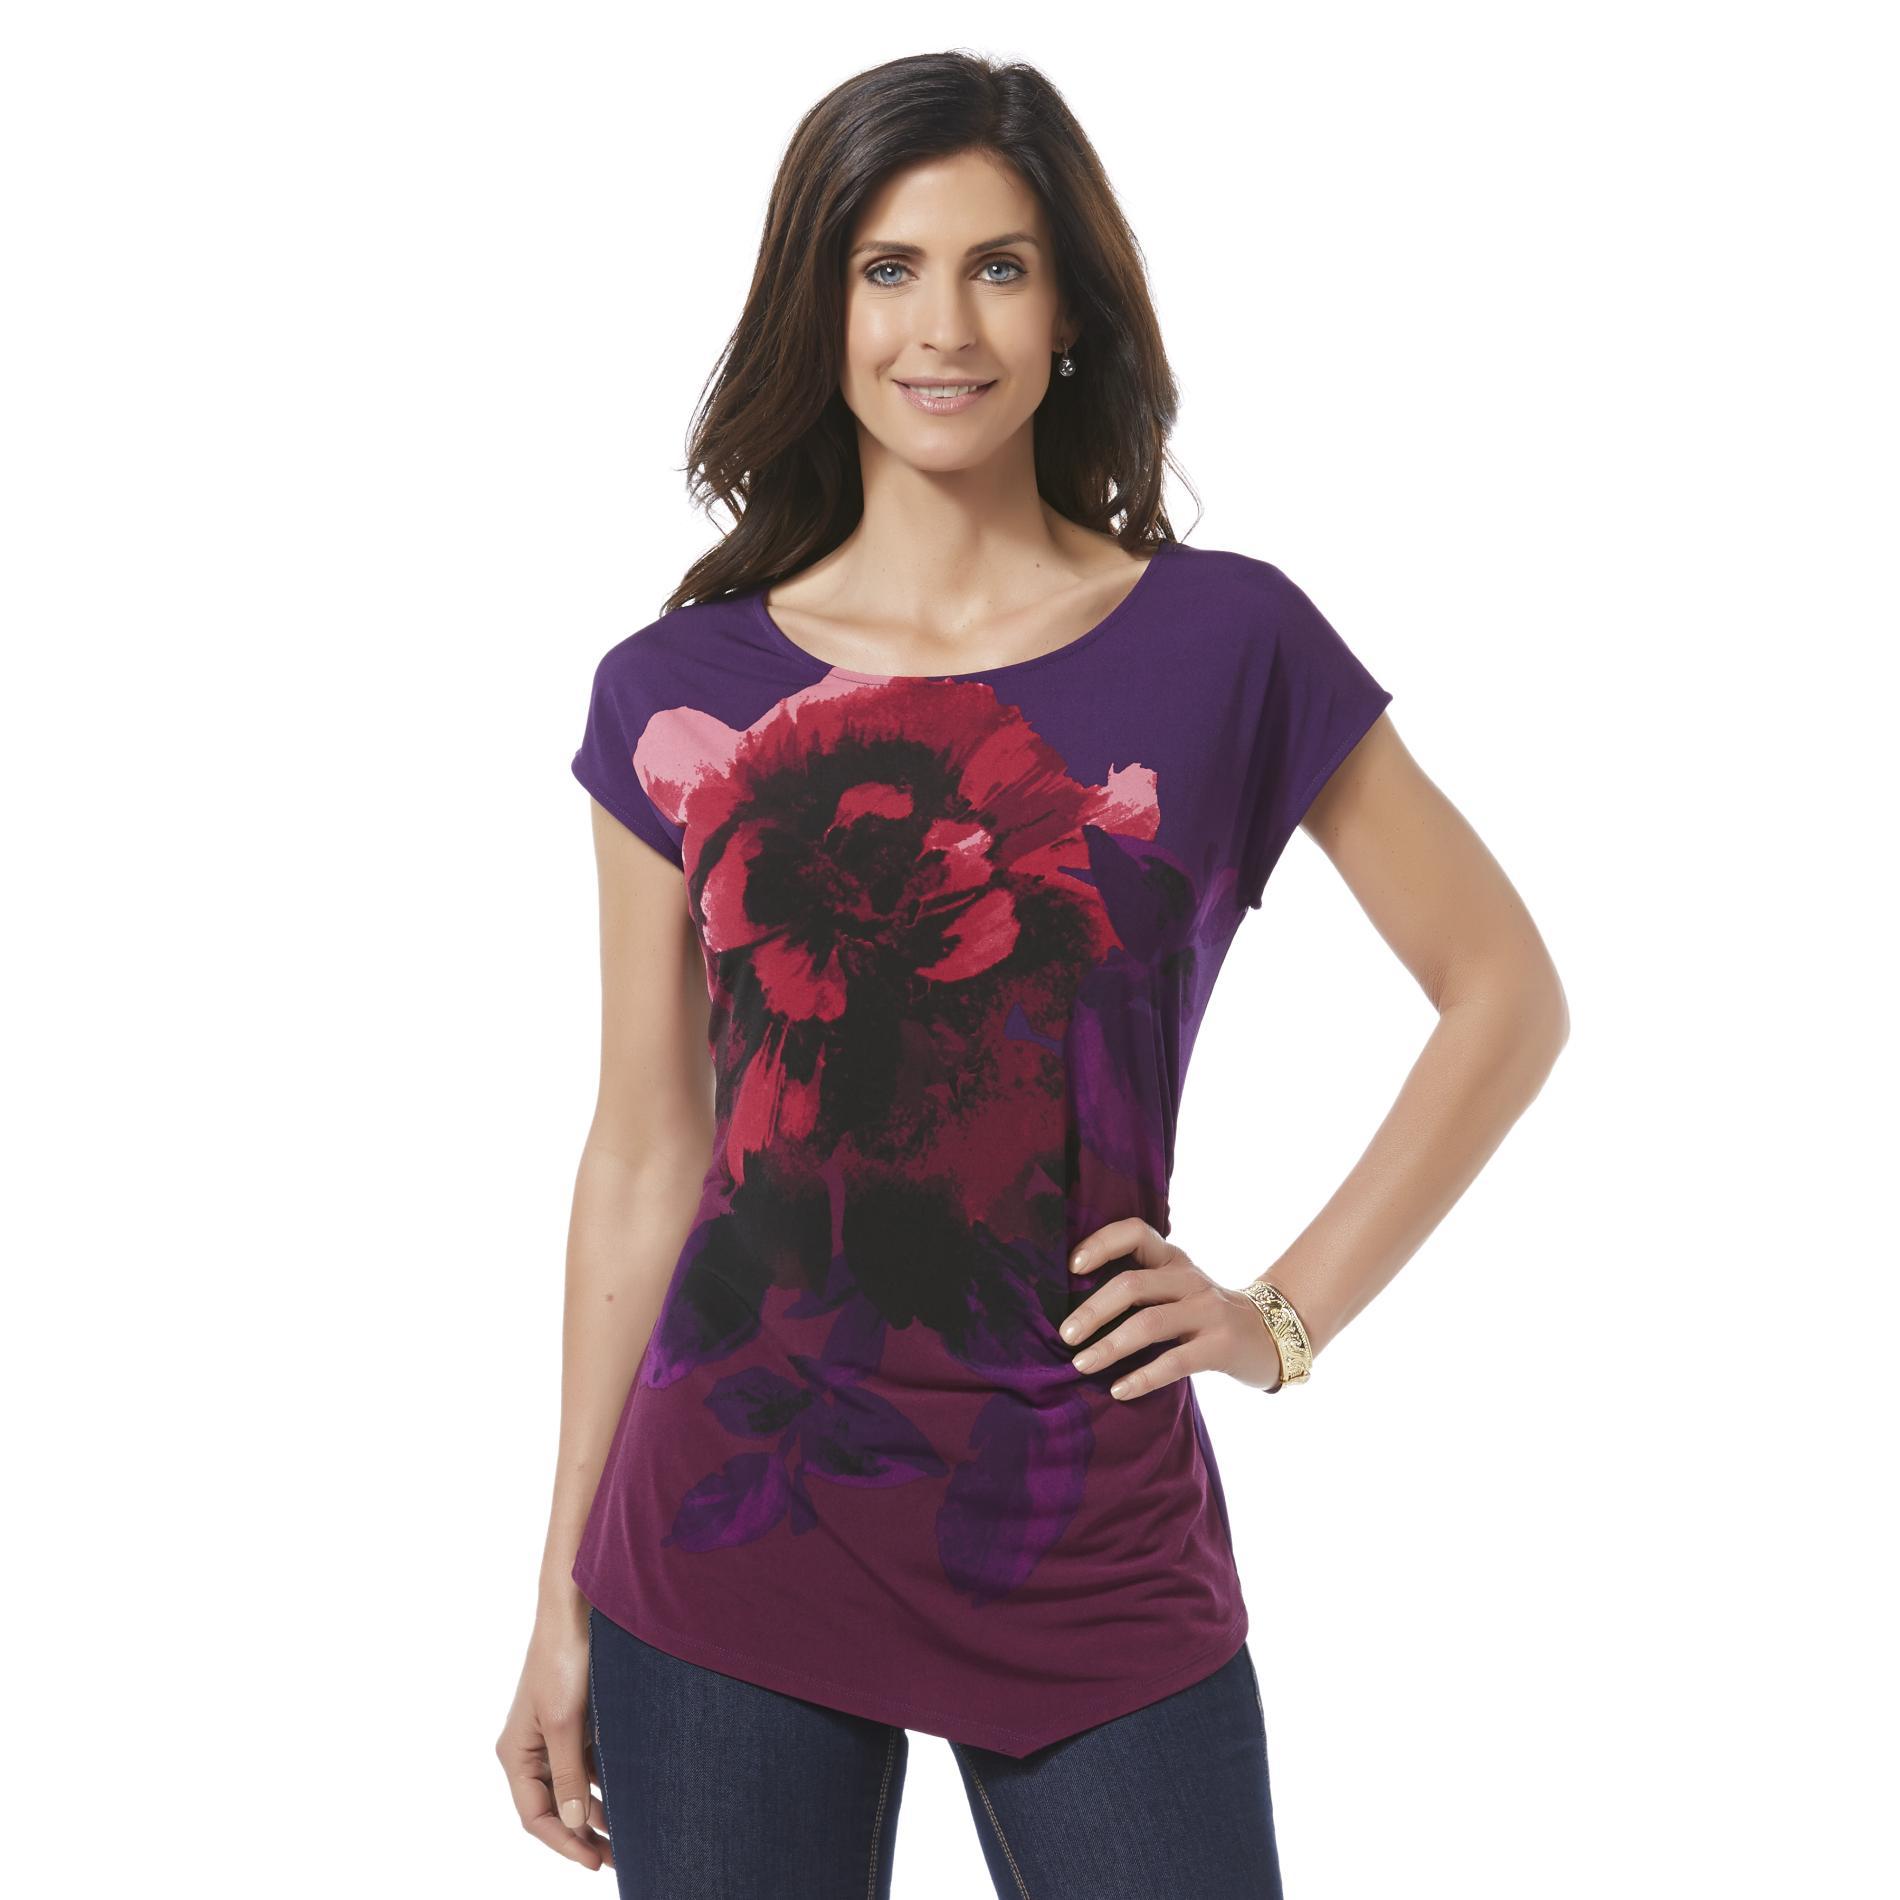 Women's Asymmetrical Top - Floral